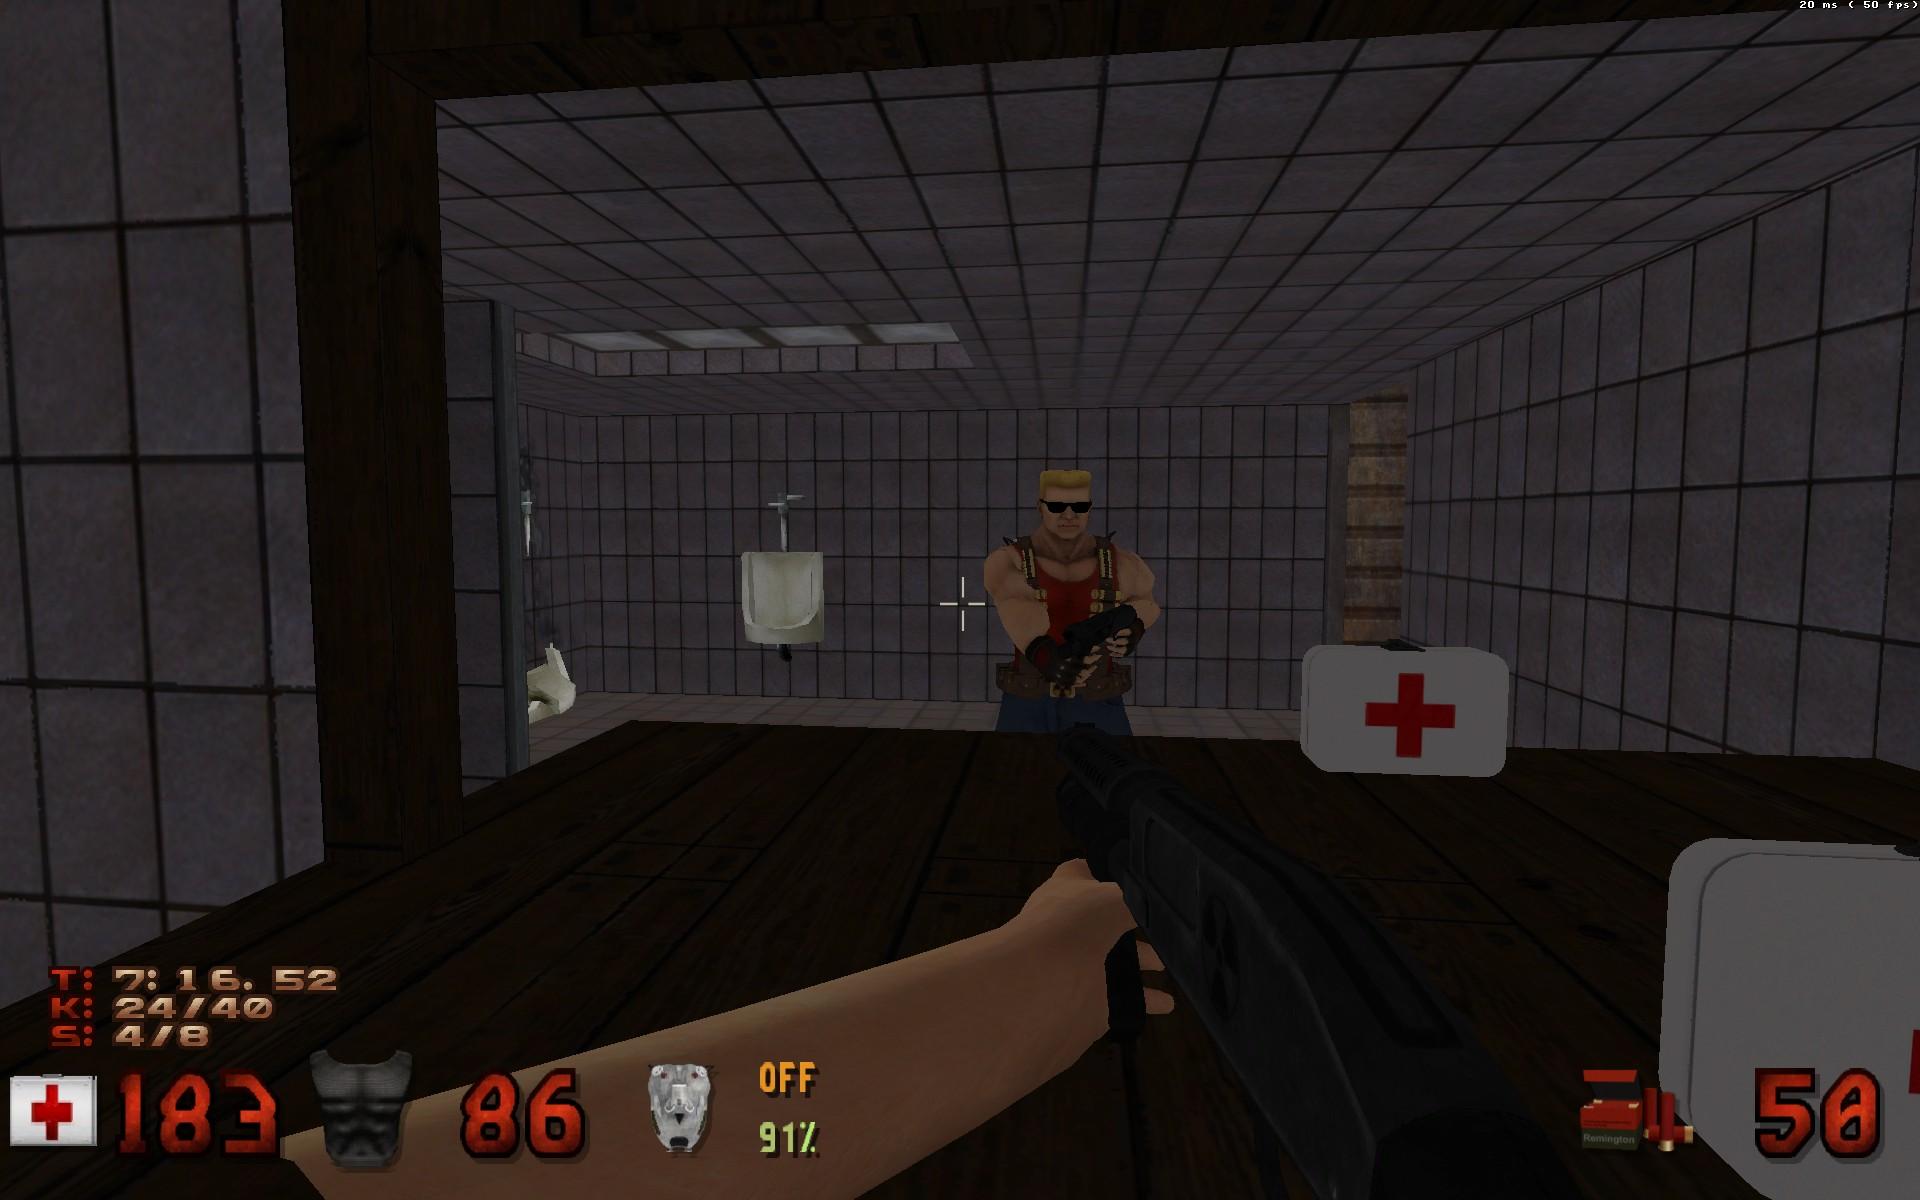 Une capture d'écran du jeu Duke Nukem 3D, montrant Duke se regardant dans un miroir, un fusil à pompe à la main.